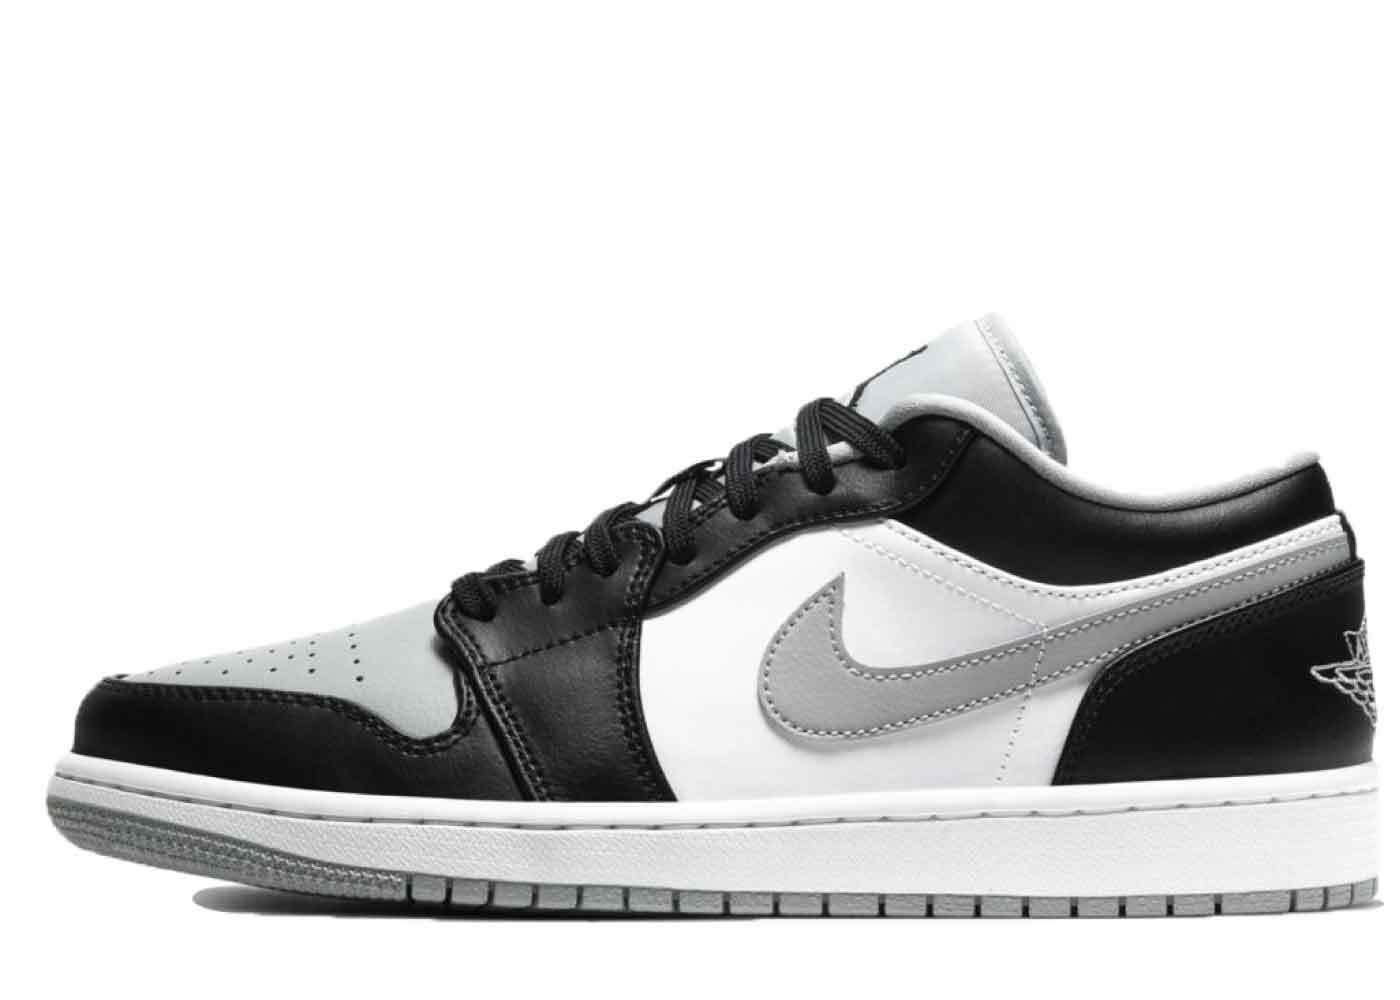 Nike Air Jordan 1 Low Black Smoke Greyの写真